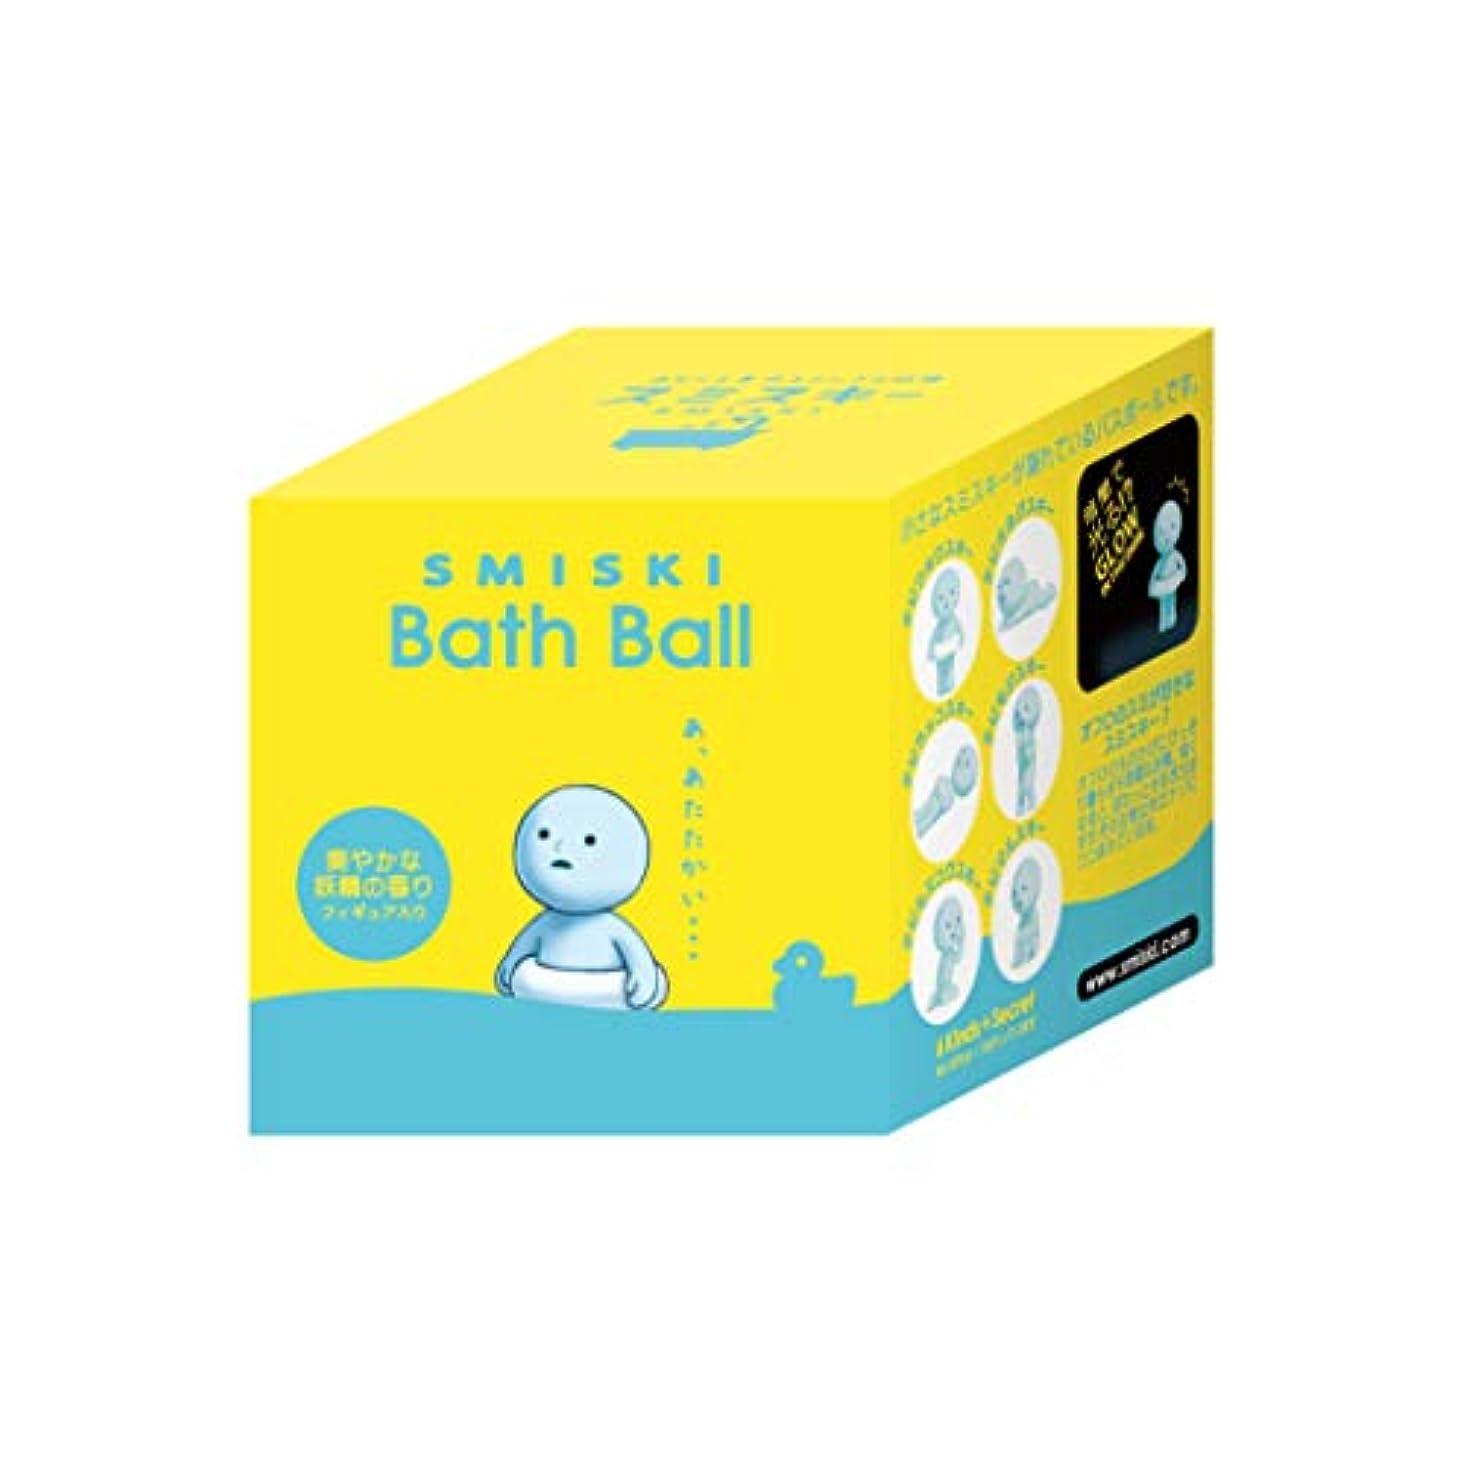 最近バタフライ菊スミスキー 入浴剤 マスコットが飛び出るバスボール【1個】